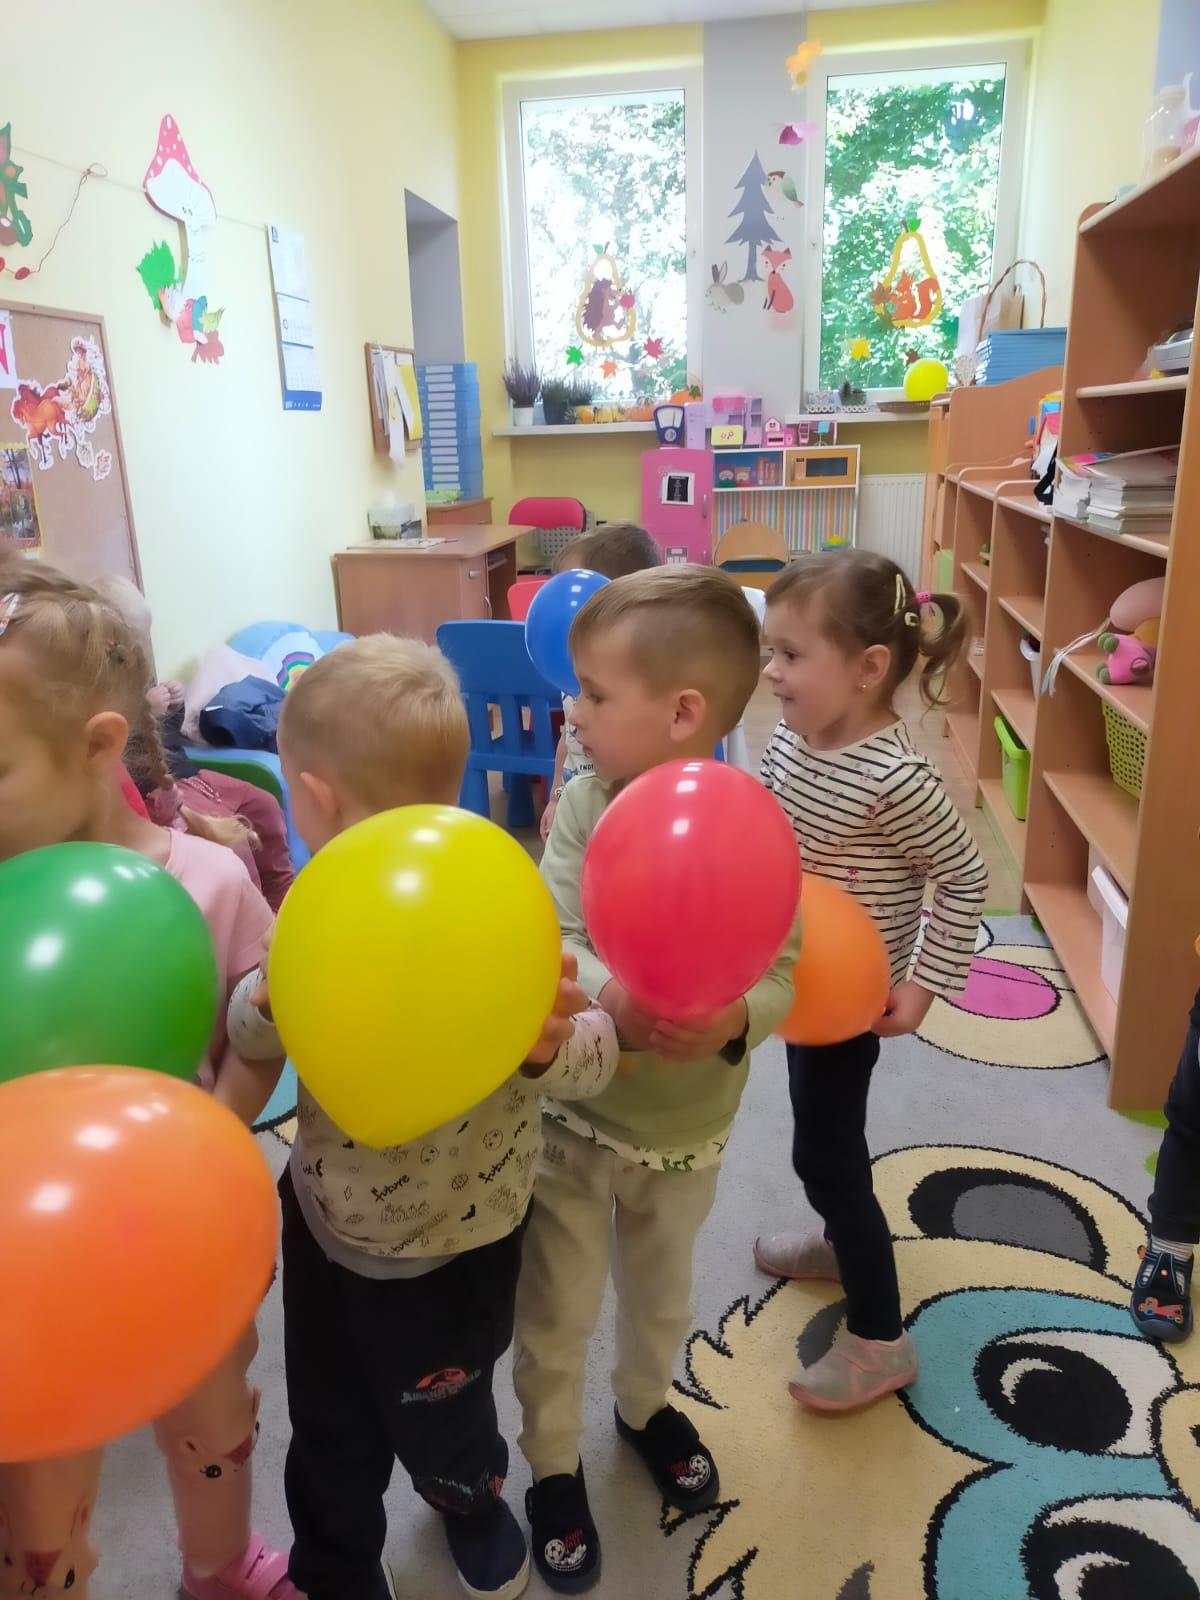 Doświadczenia z powietrzem z wykorzystaniem balonów.